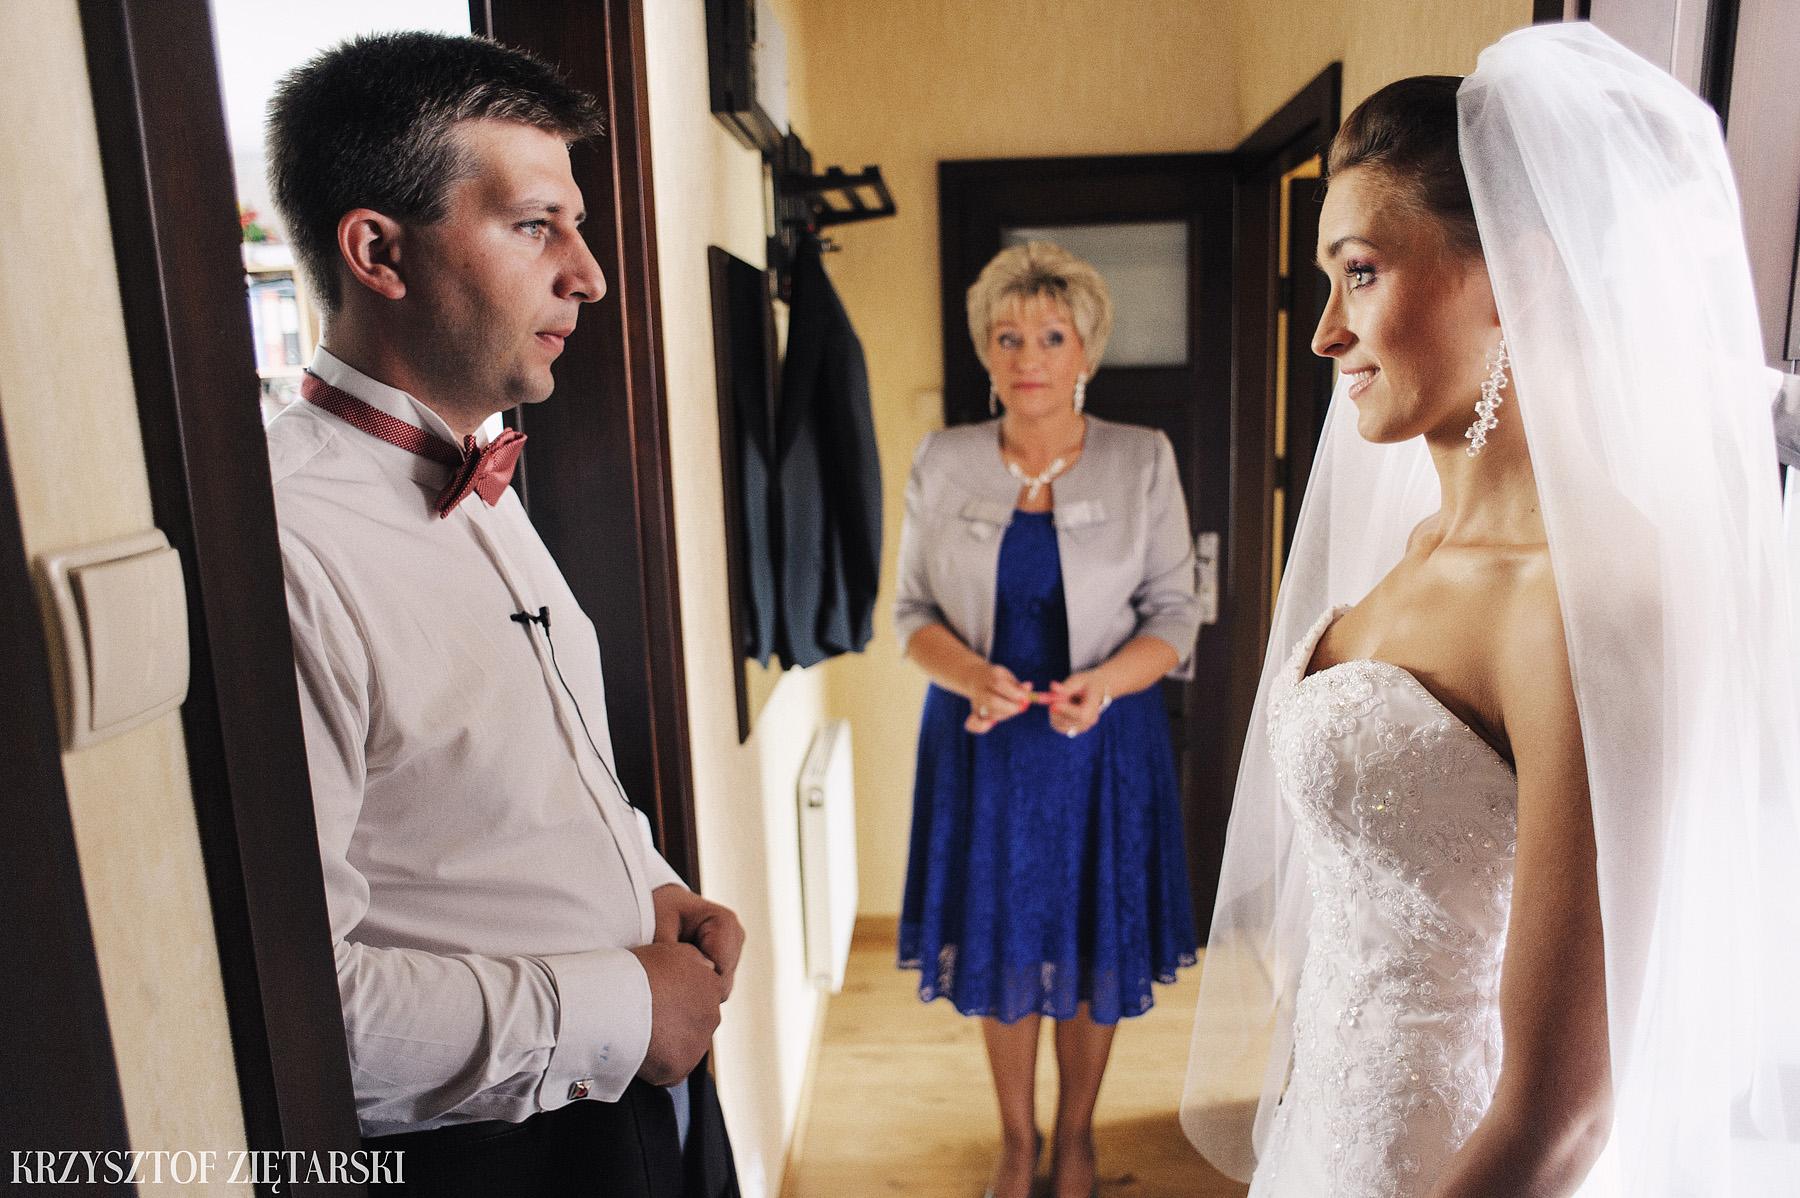 Karolina i Jacek - Fotografia ślubna Gdańsk, Chwaszczyno, Gościniec dla Przyjaciół Wyczechowo Hilary - 5.